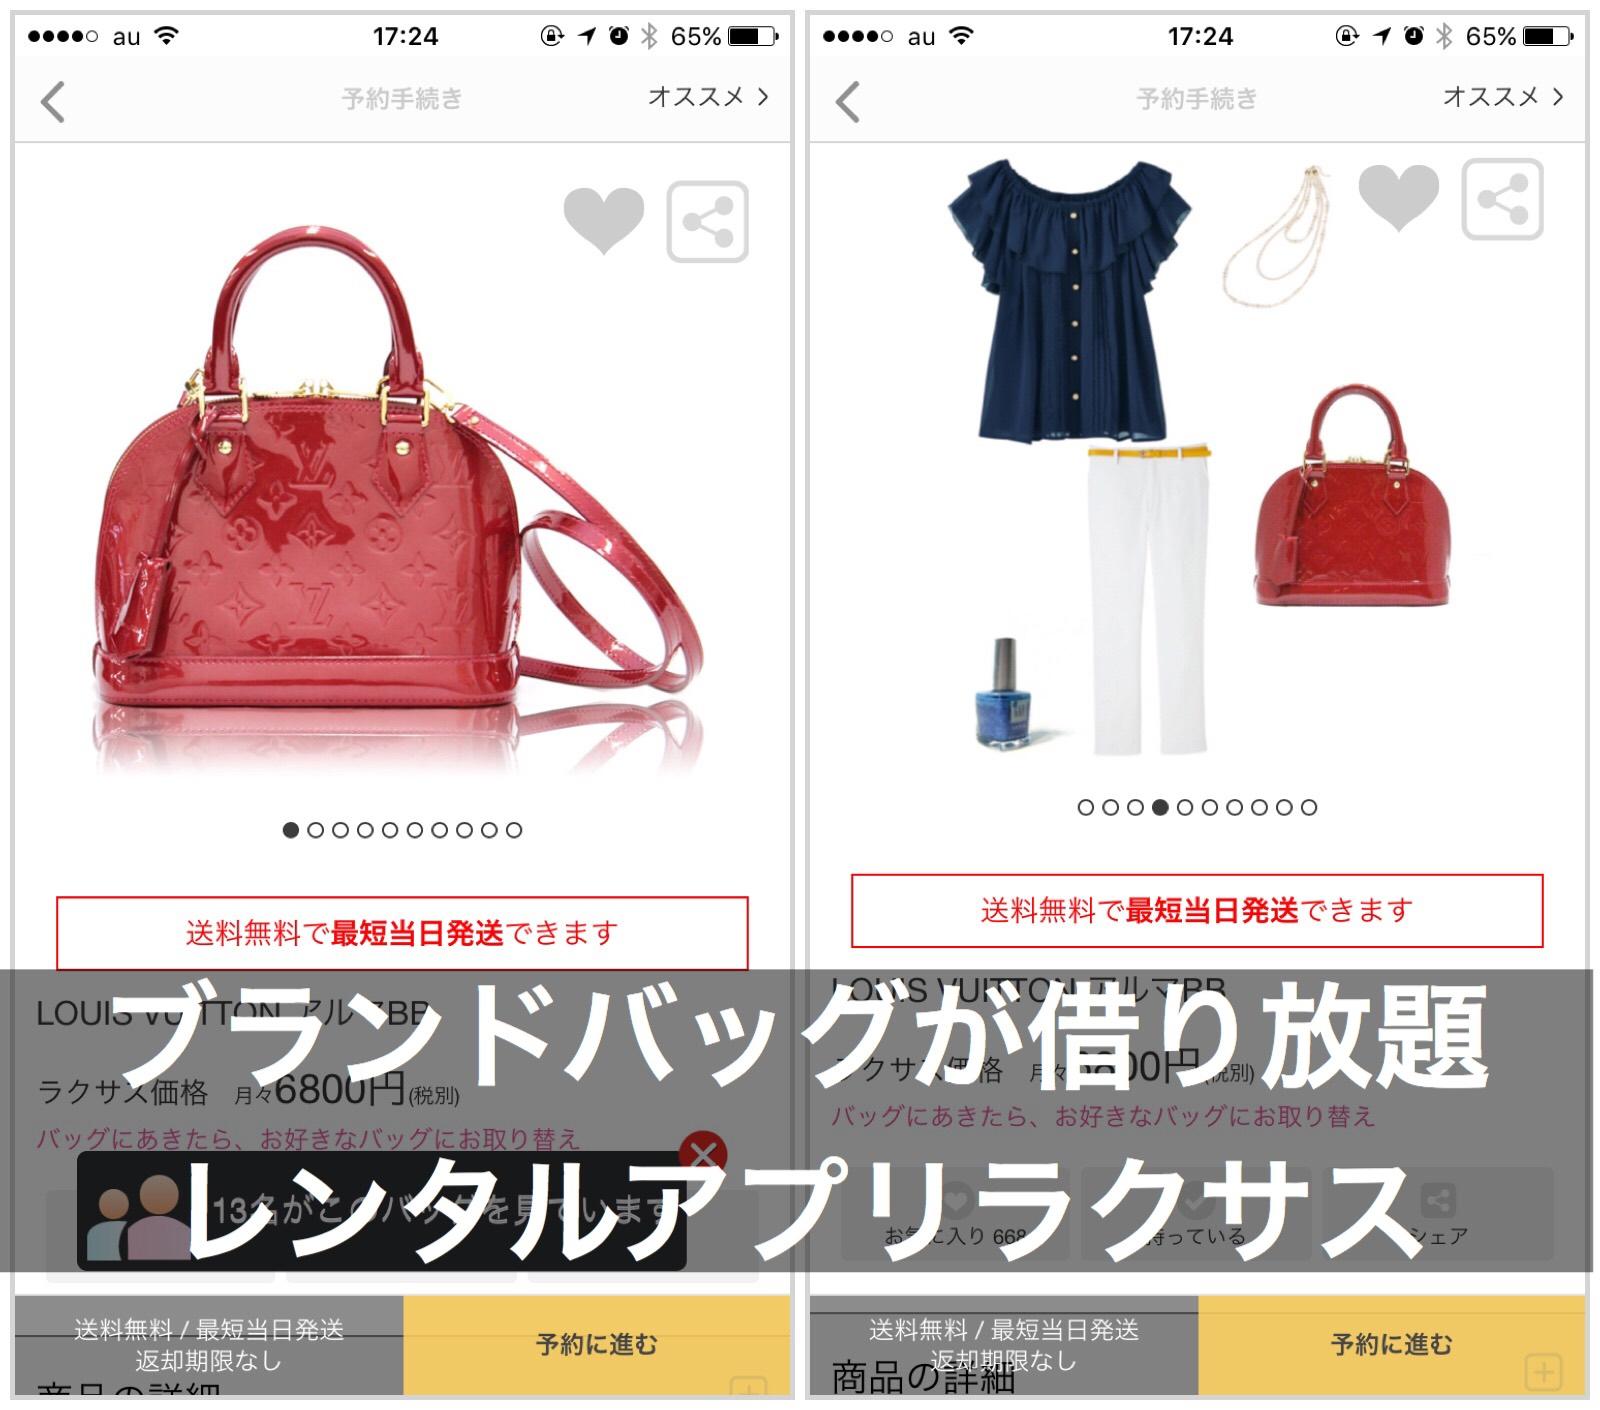 ブランドバッグが月額 6800円でレンタルできるアプリ ラクサスがすごい!